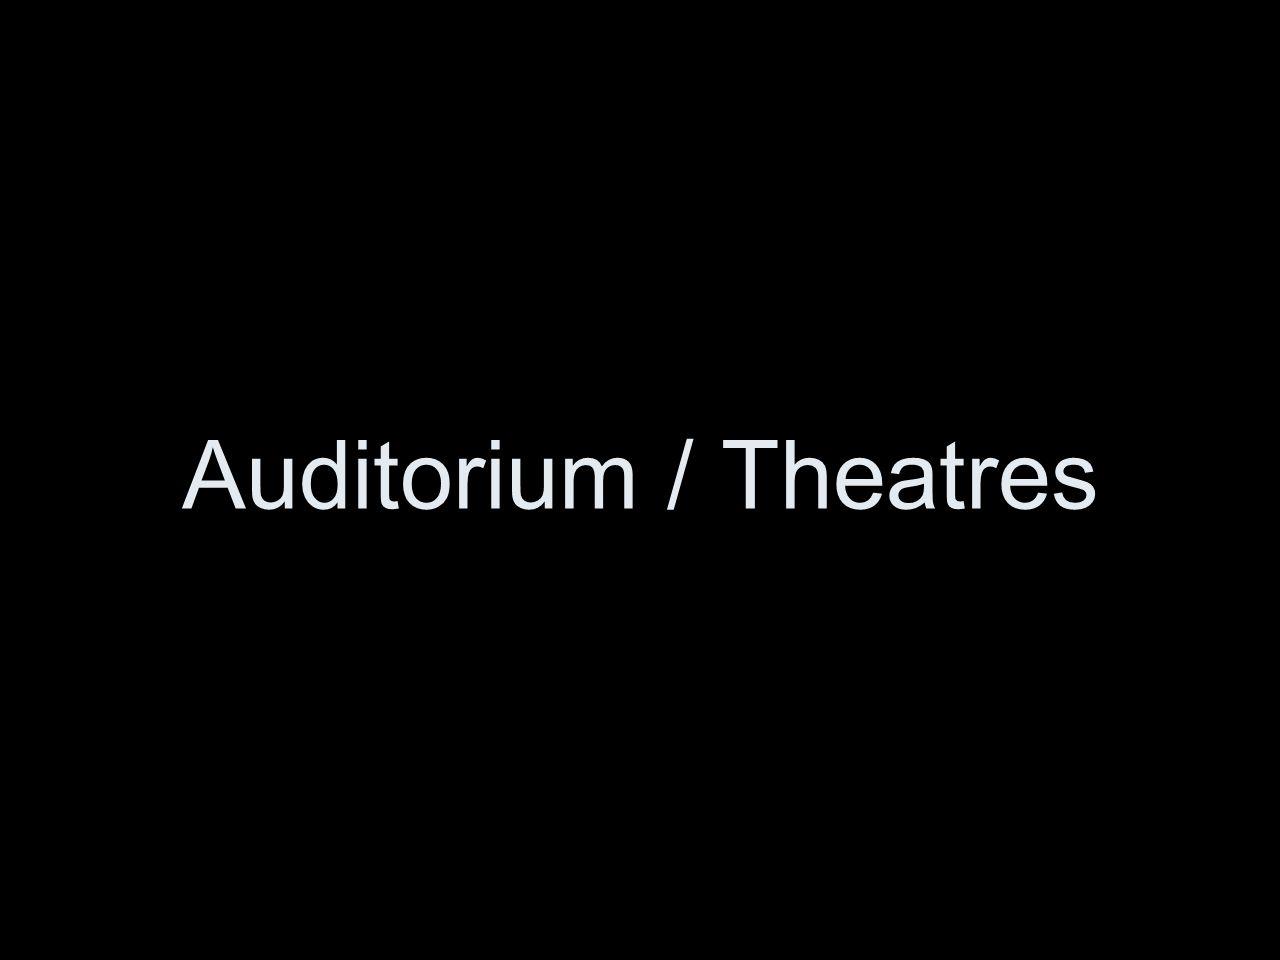 Auditorium / Theatres